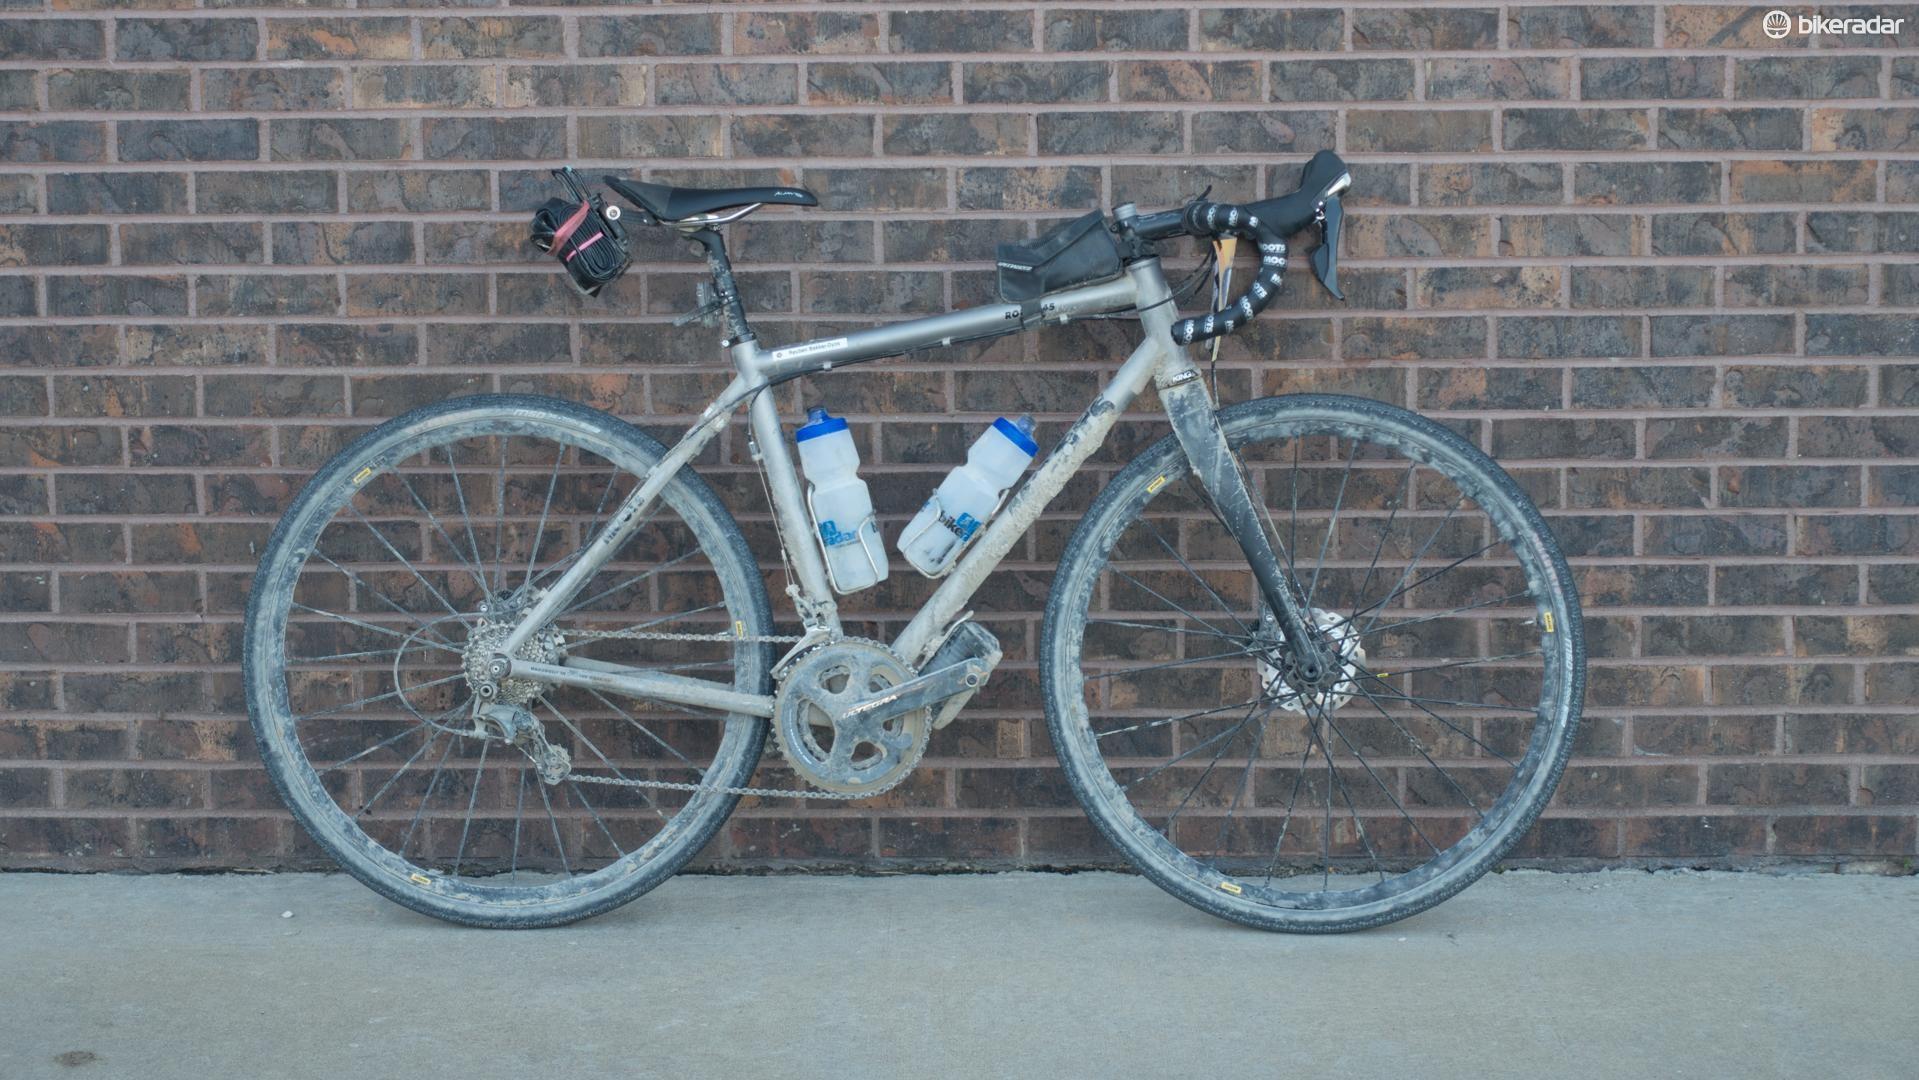 Moots Routt 45 for the Dirty Kanza 200 - BikeRadar